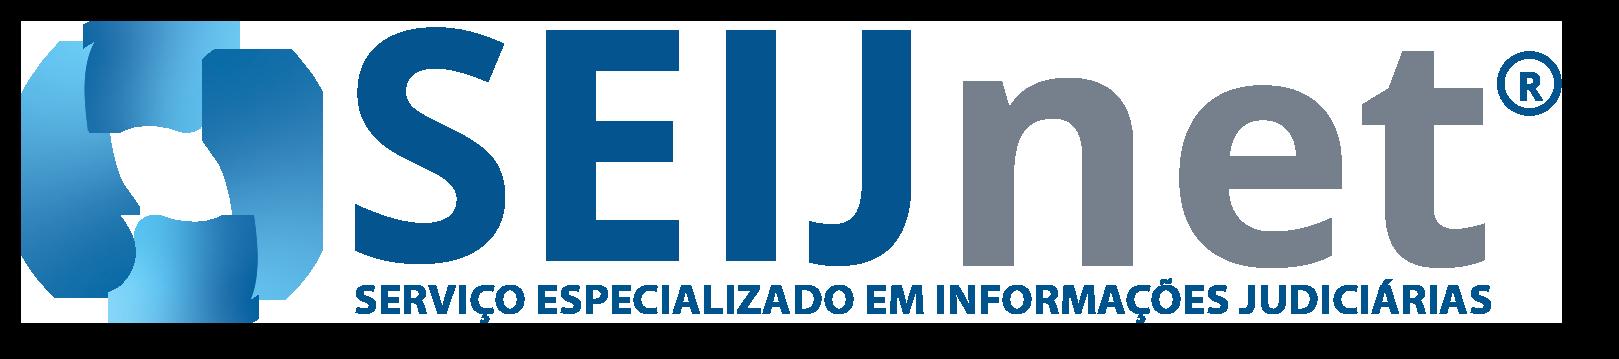 Seijnet Brasil - Serviço Especializado em Informações e Atualizações Judiciárias